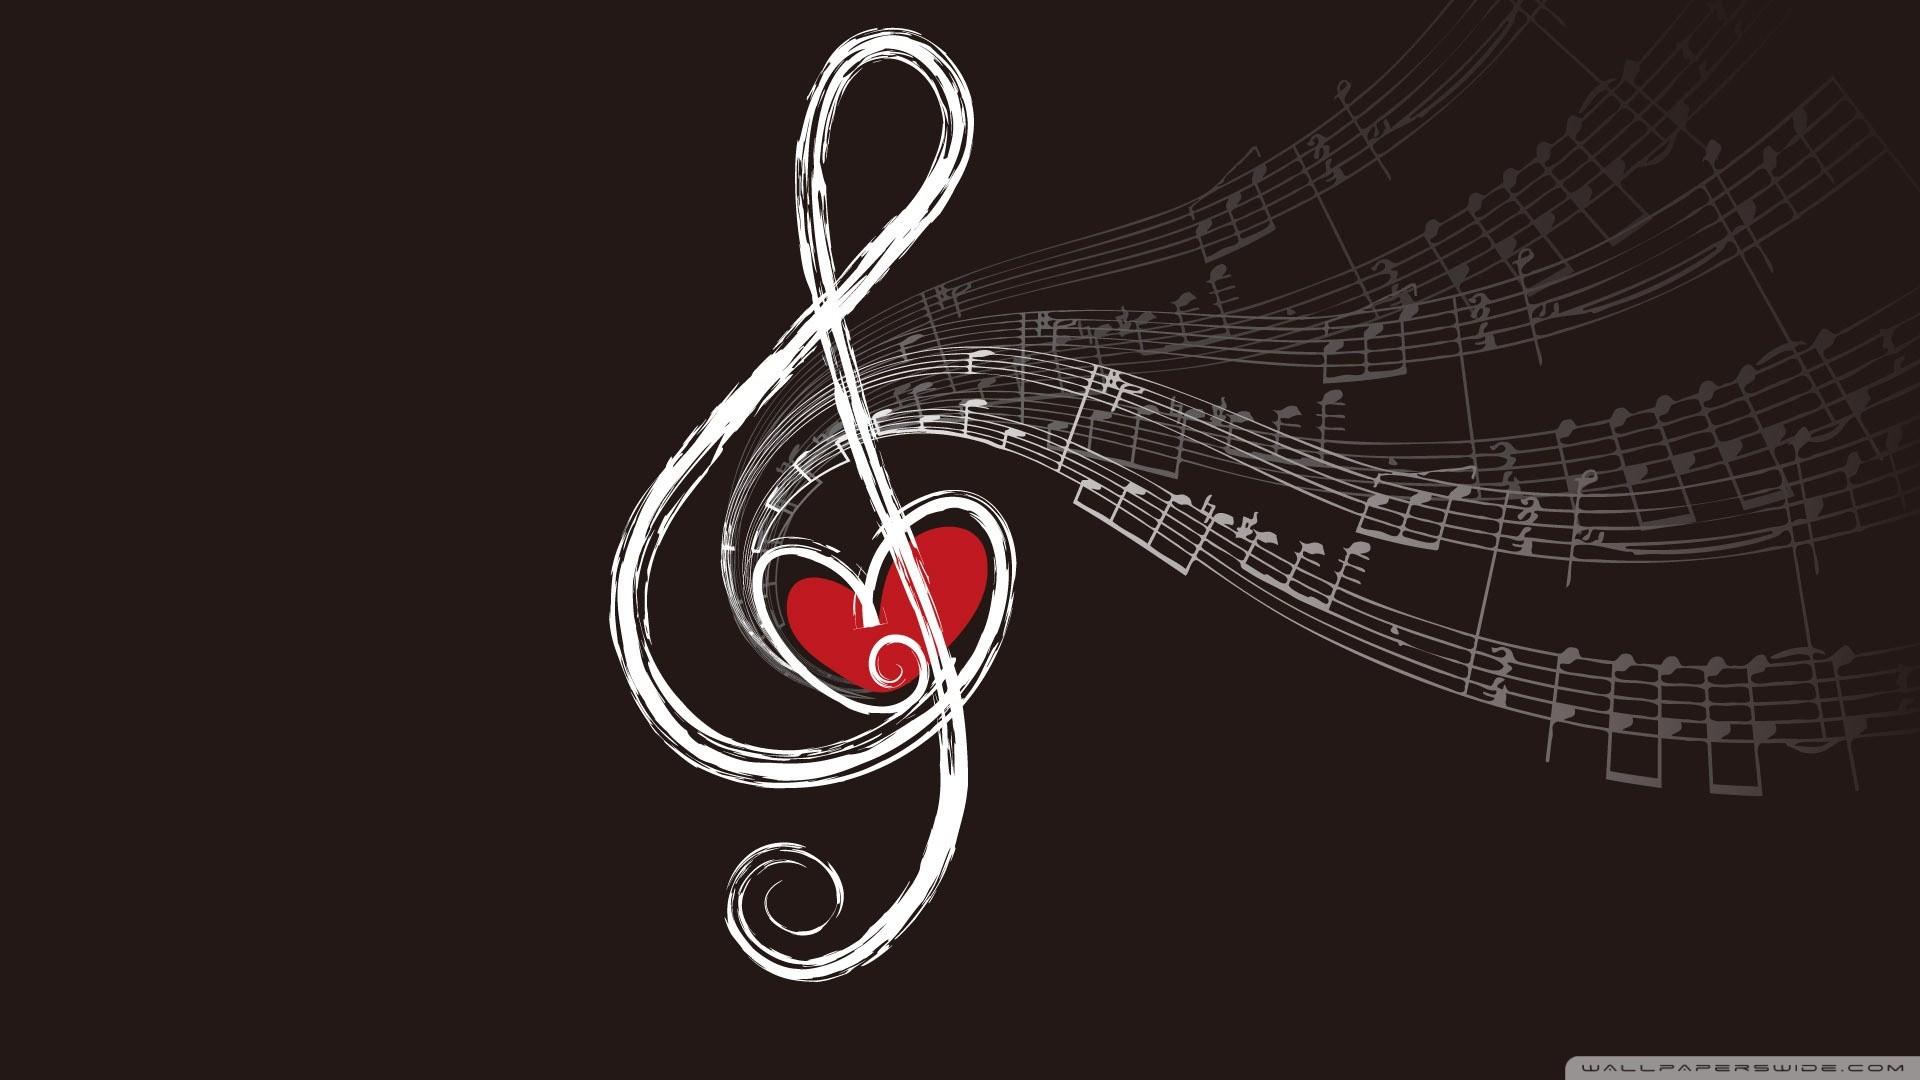 Music artist wallpaper wallpapersafari - Wallpaper artist music ...